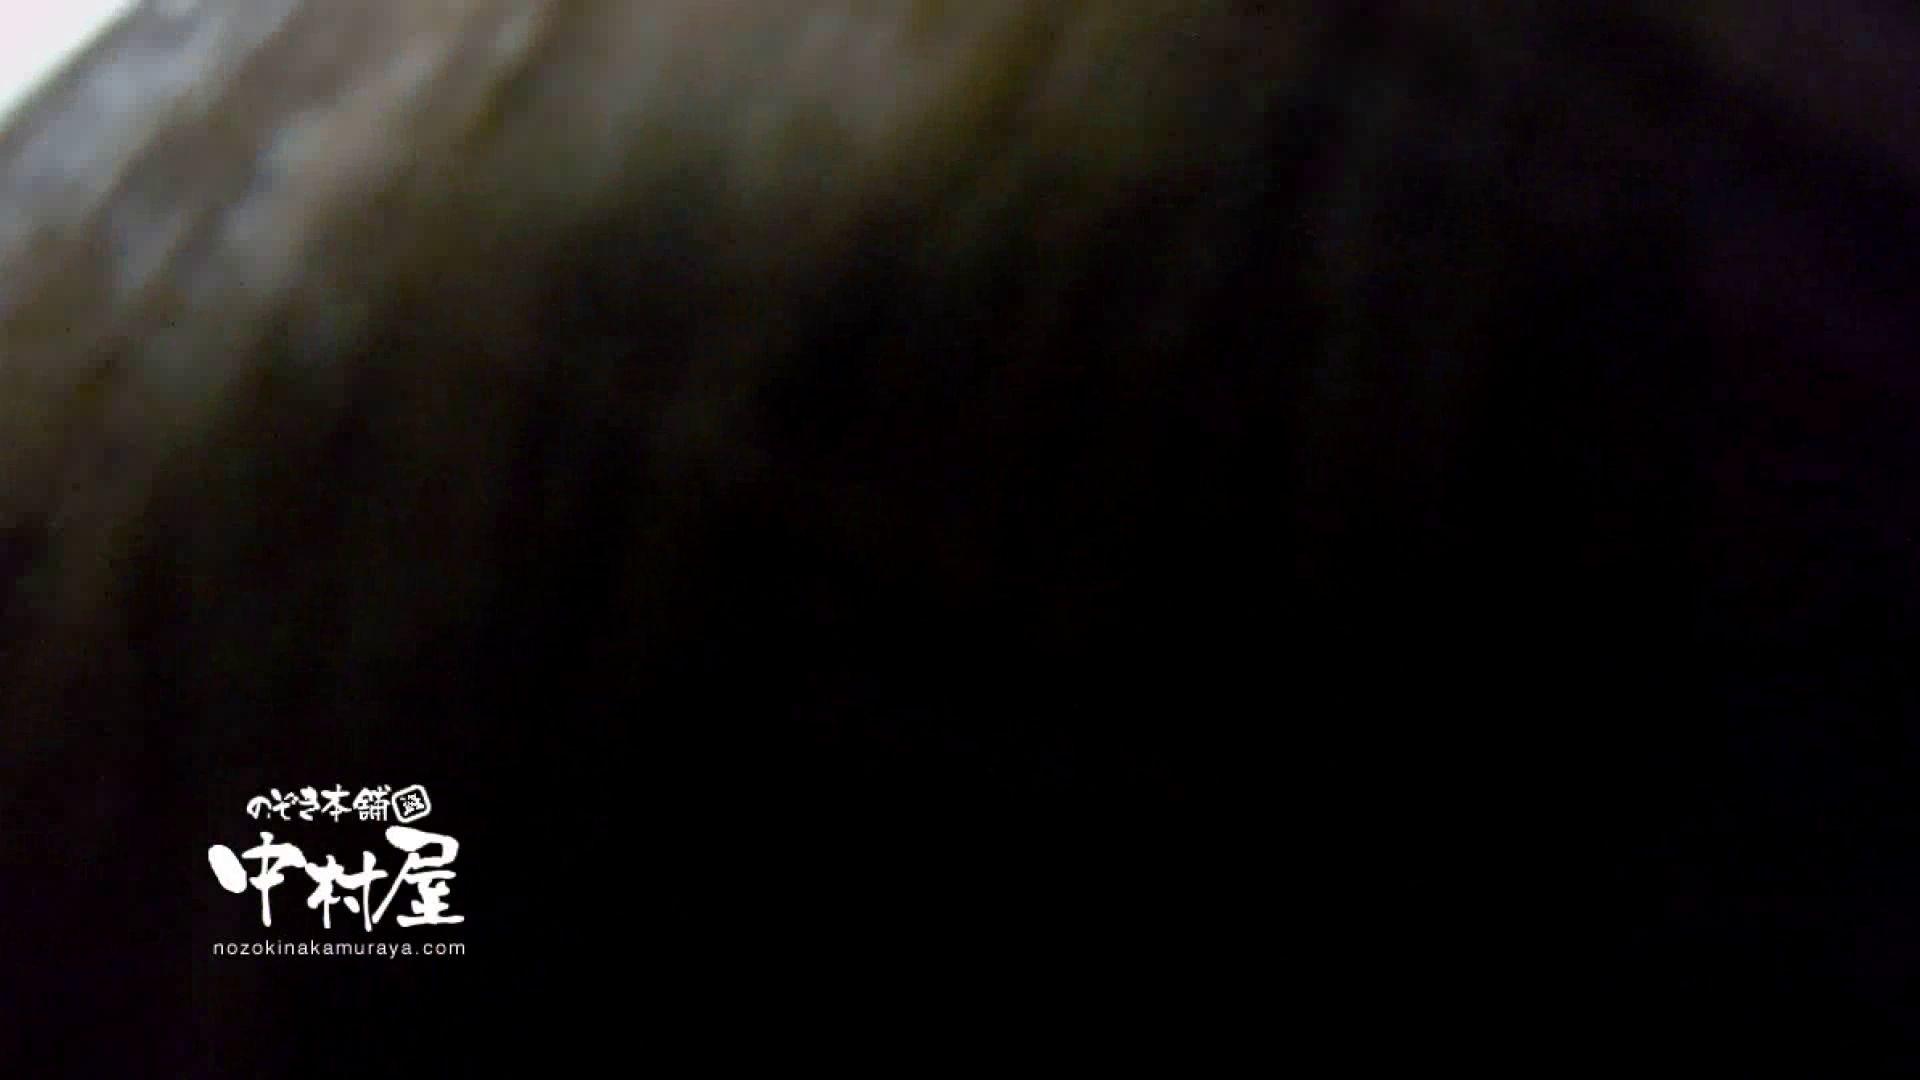 鬼畜 vol.16 実はマンざらでもない柔らかおっぱいちゃん 前編 鬼畜 | おっぱい  113PIX 53